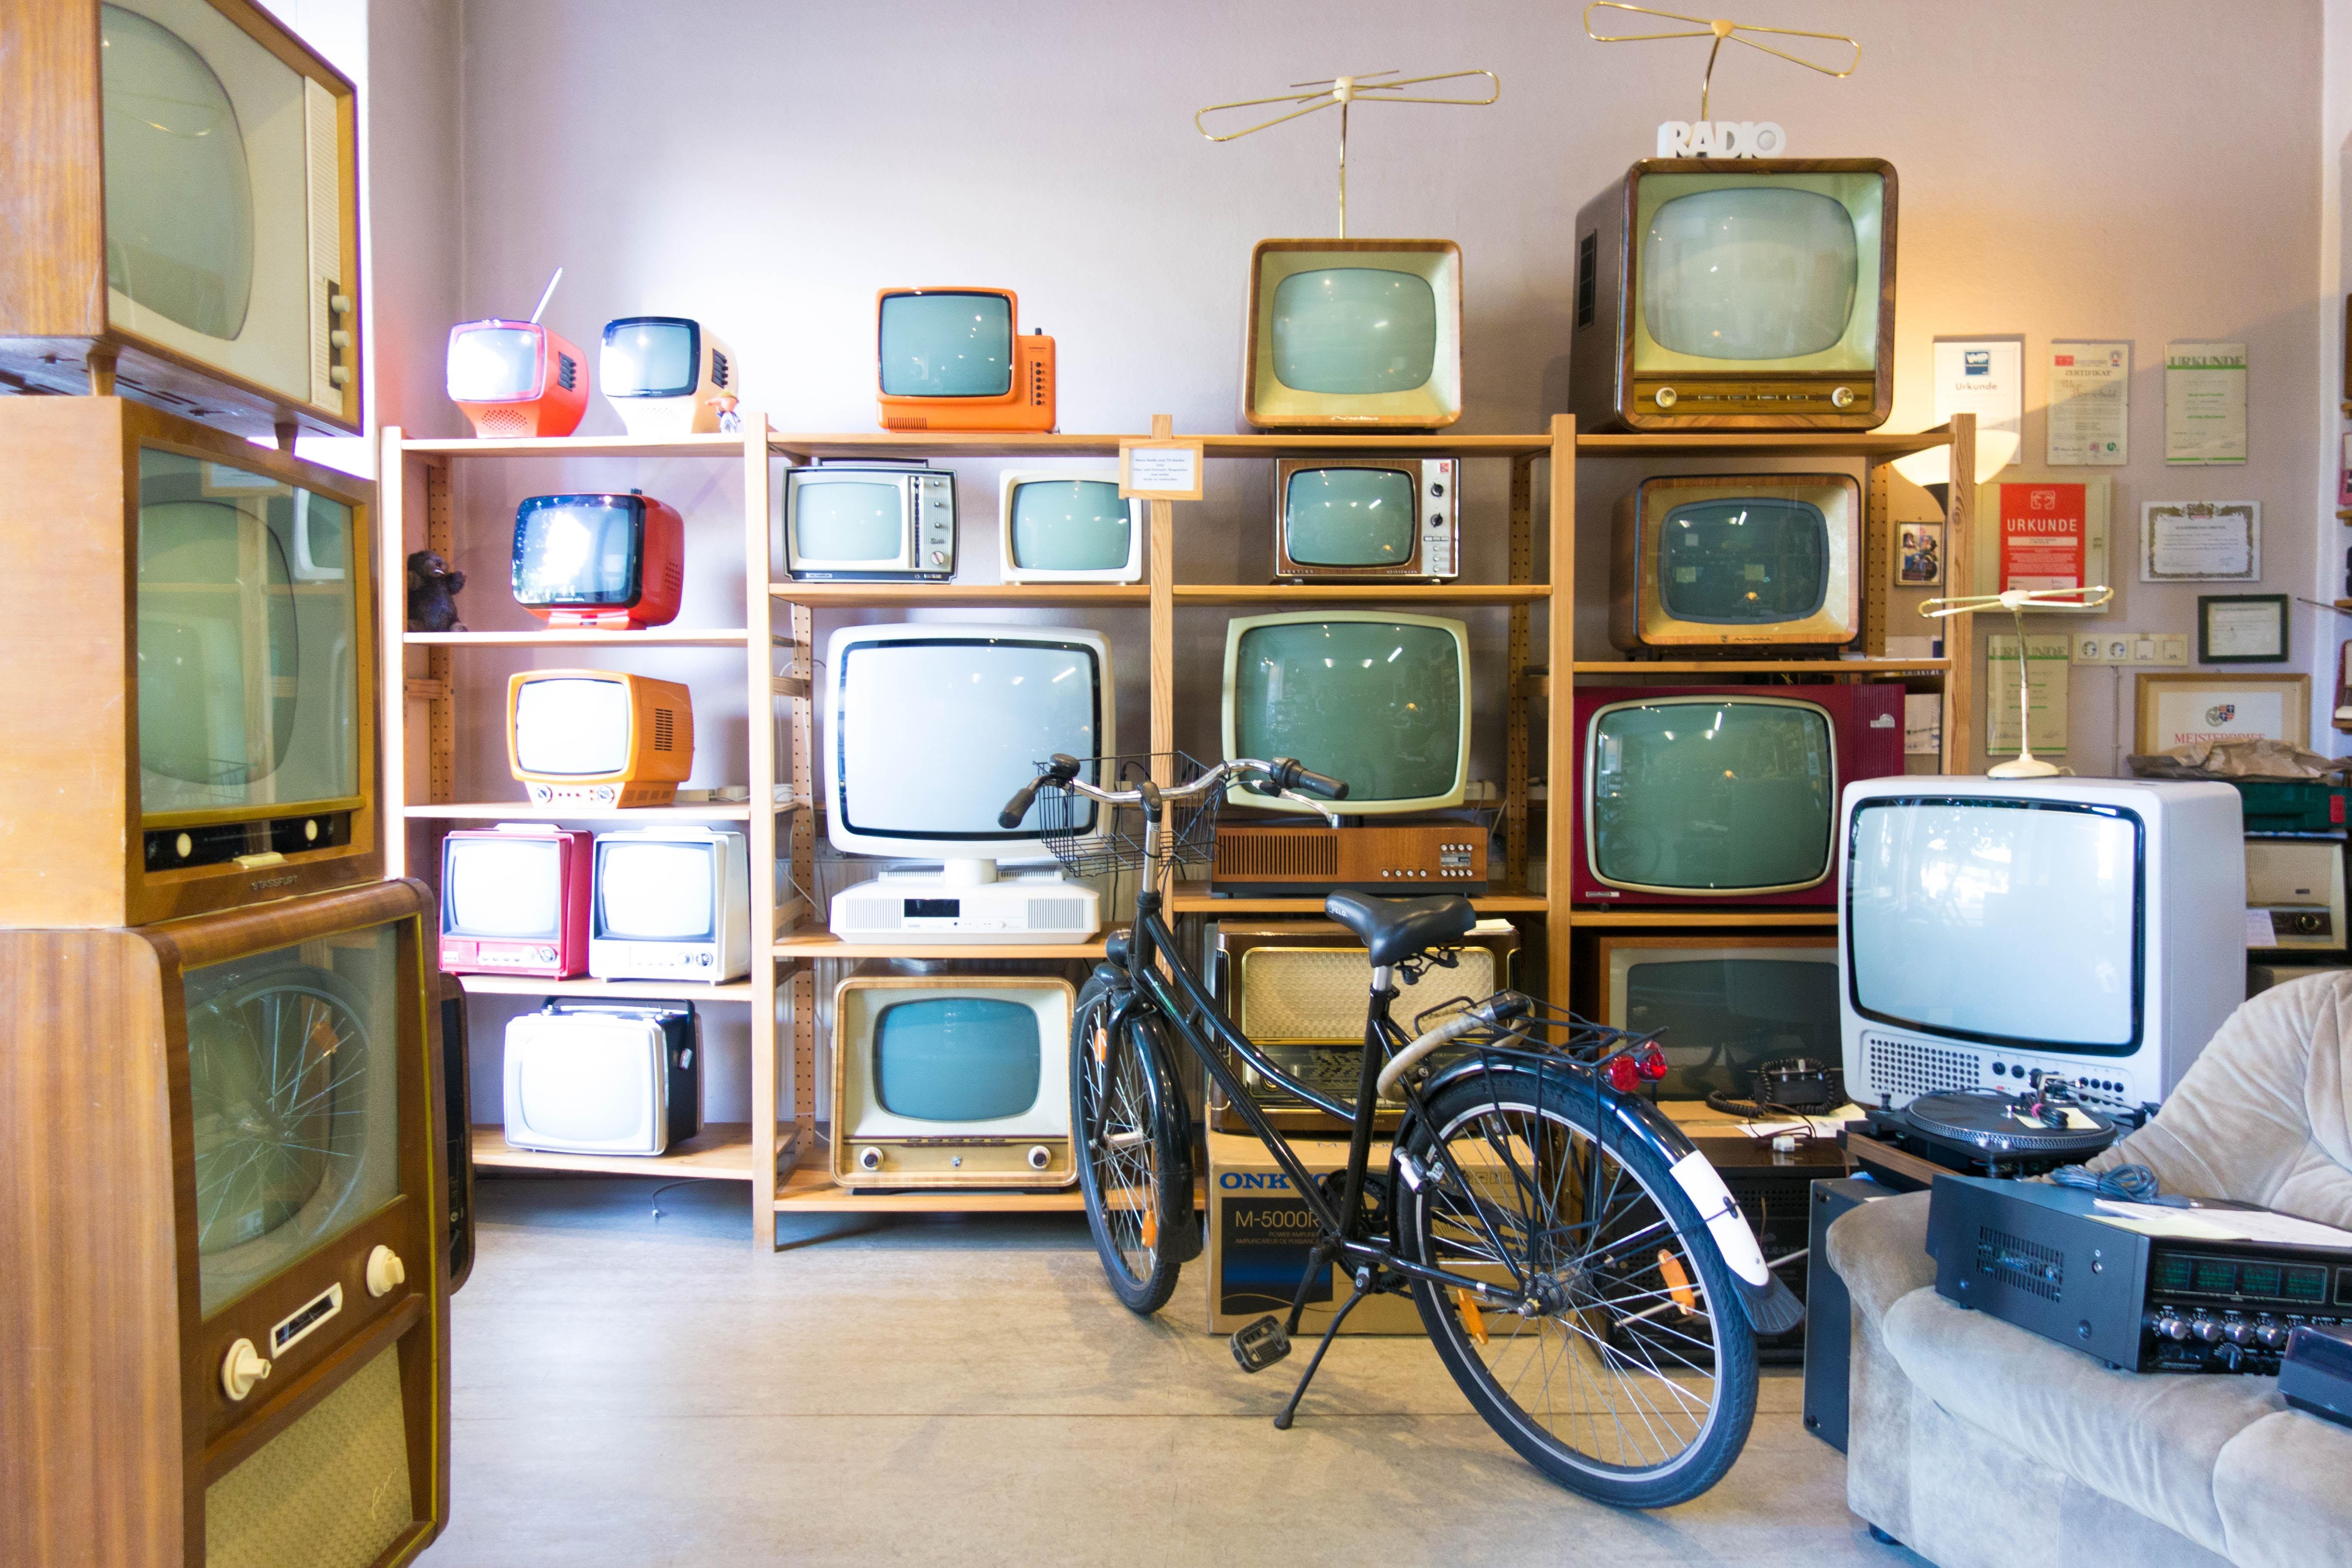 television marketing de videos video redes sociales publicidad pantalla led.jpg